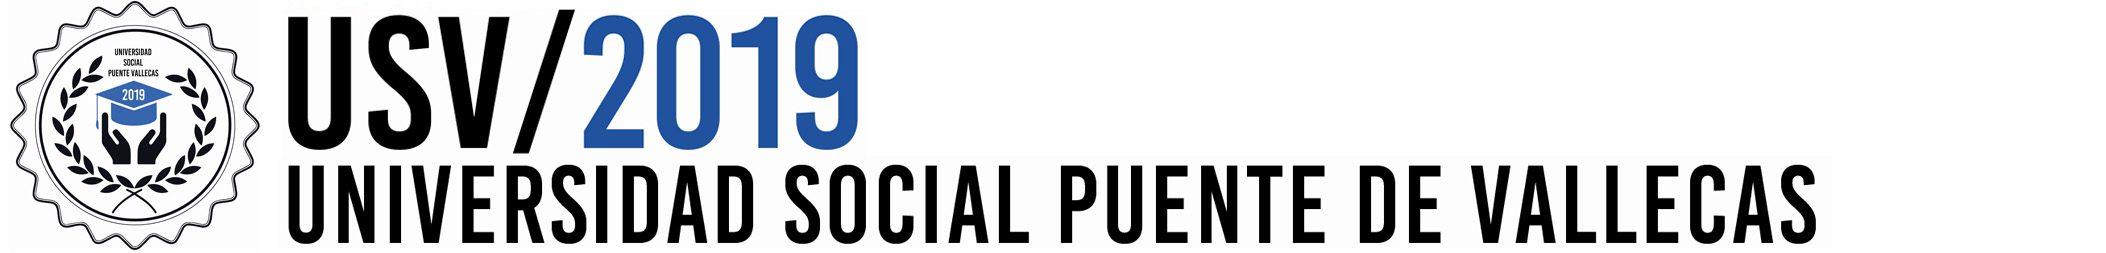 Universidad Social de Puente de Vallecas 2019